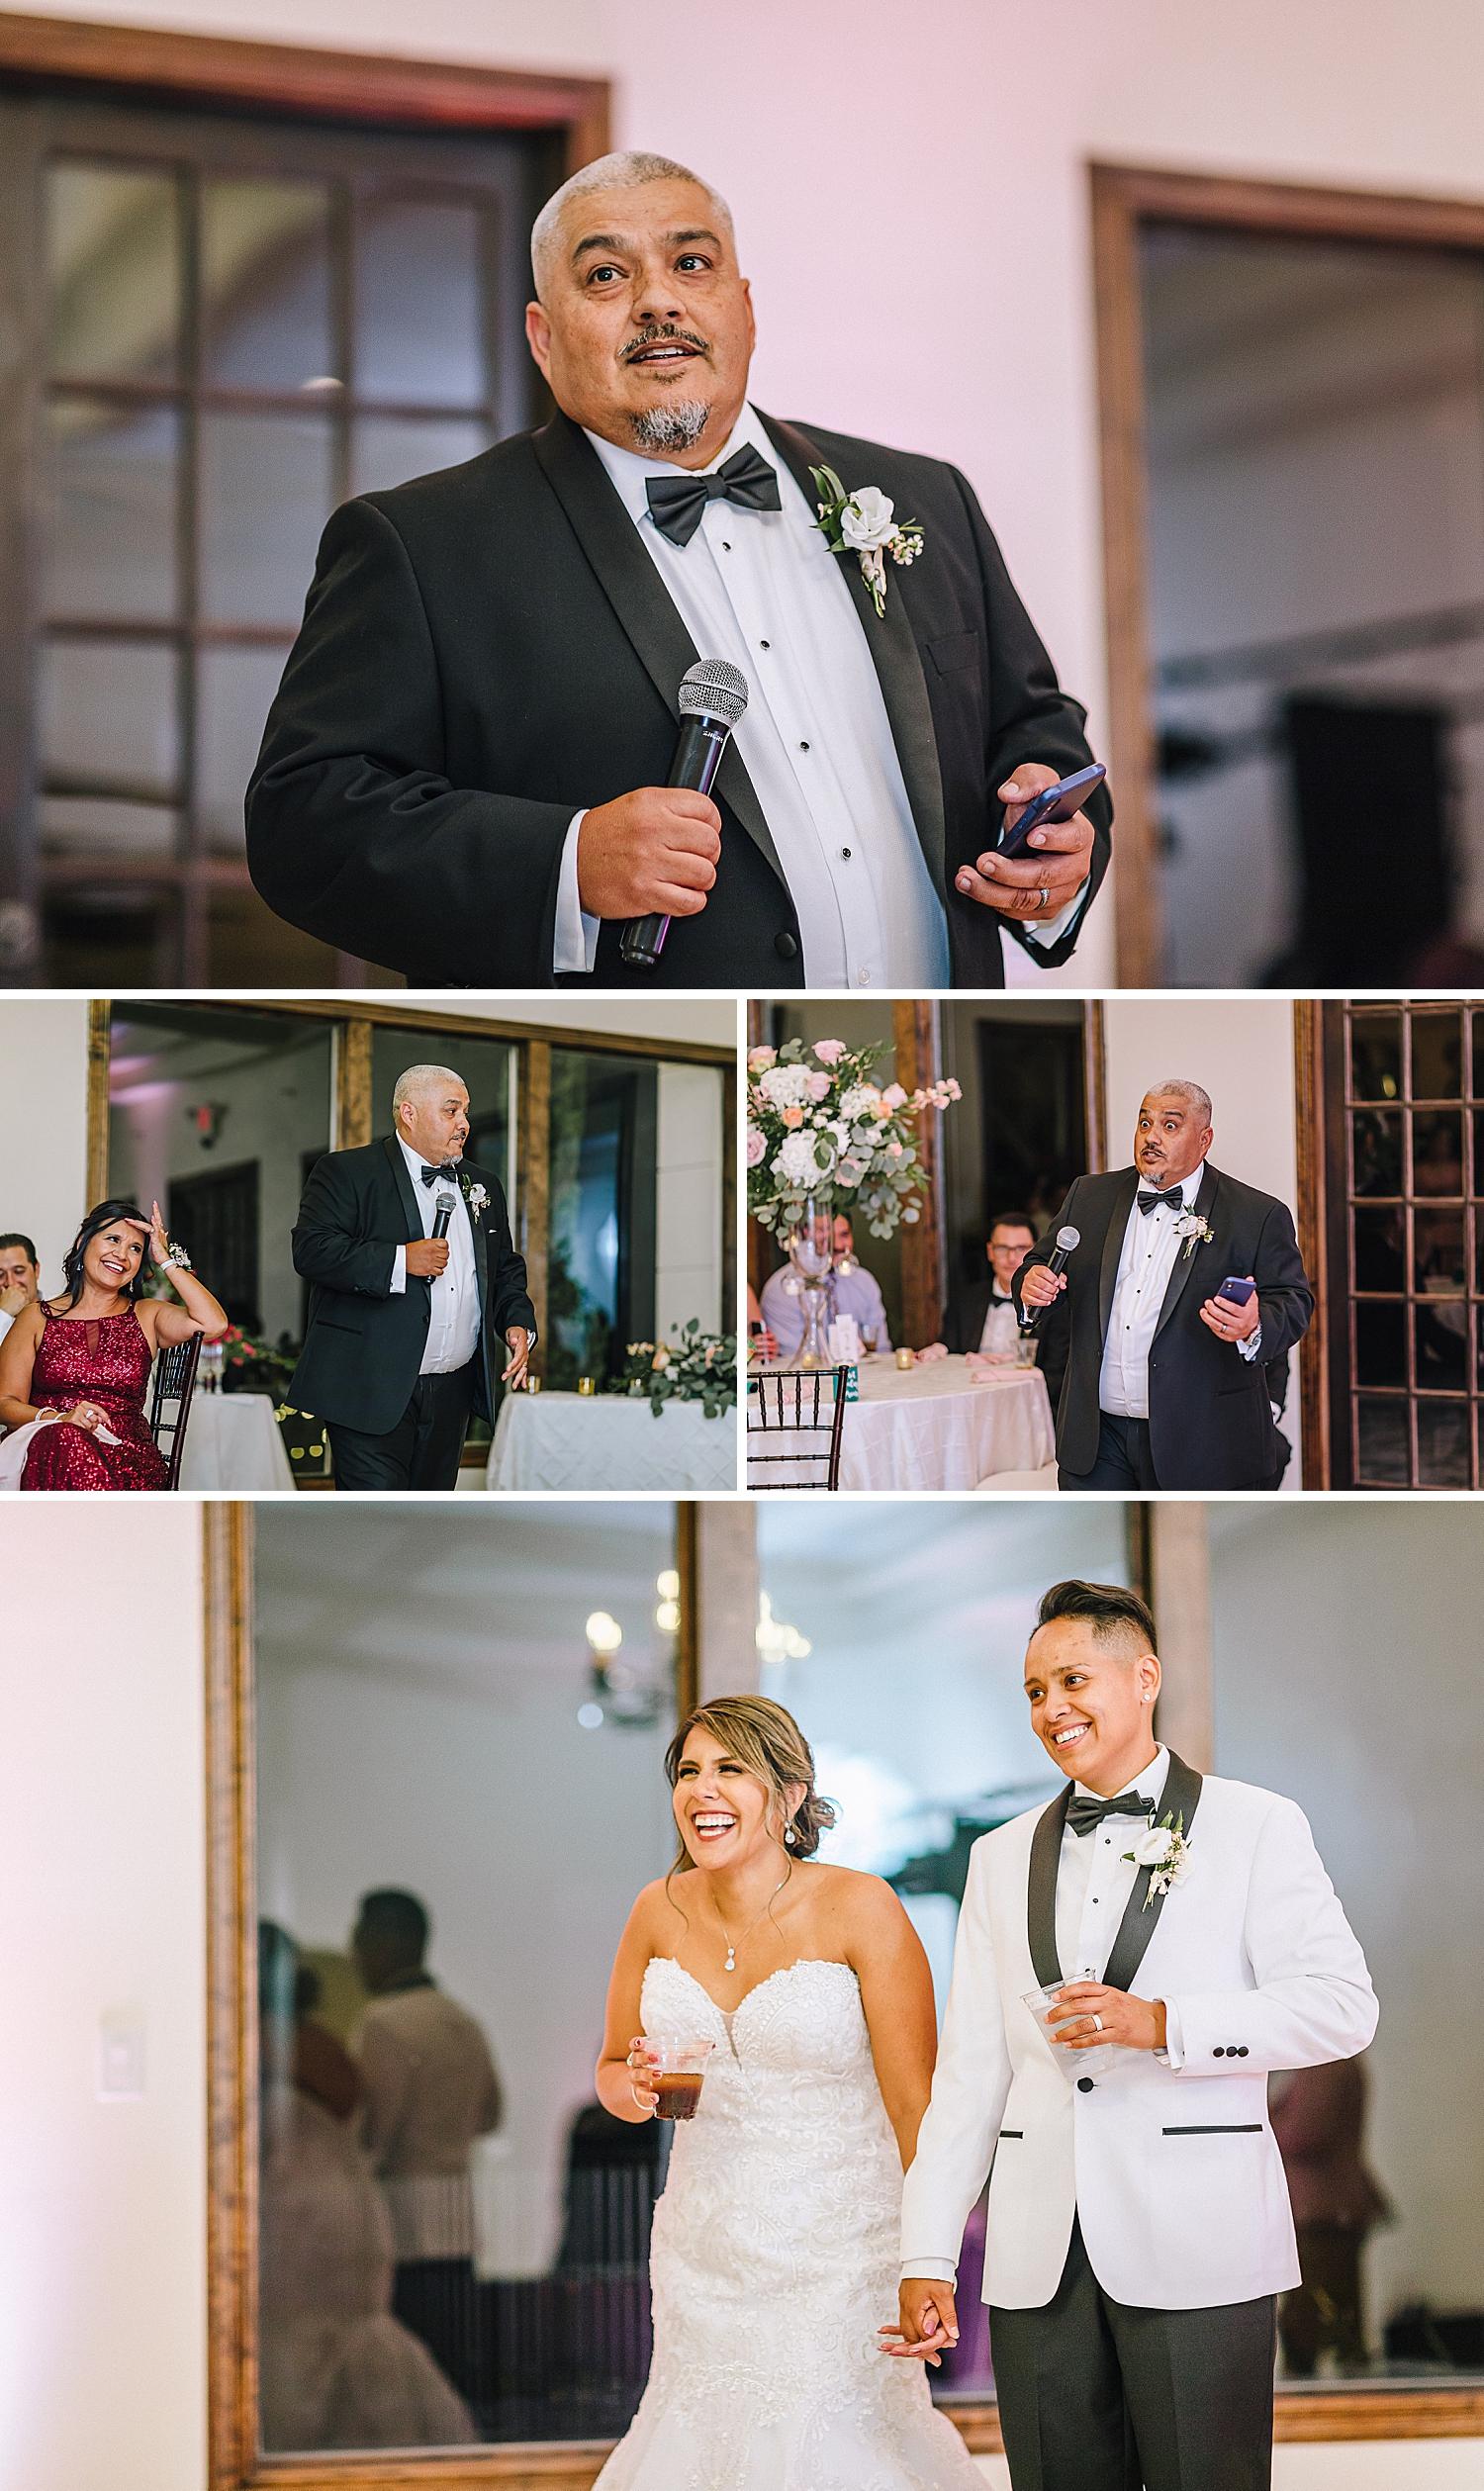 Carly-Barton-Photography-The-Villa-at-Cielo-Vista-Blush-Gold-White-Wedding-Photos_0048.jpg